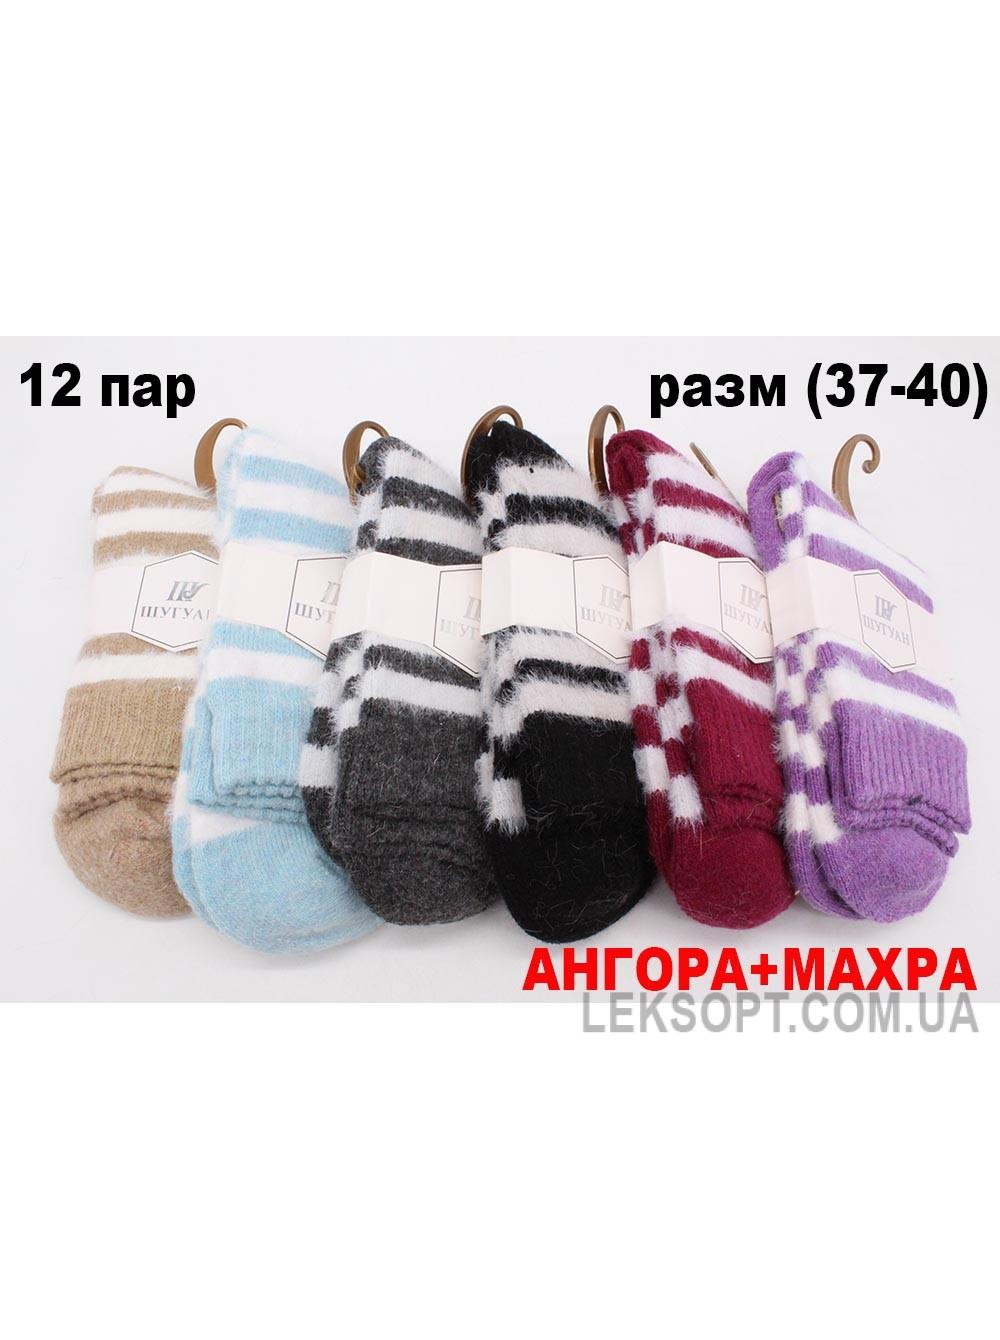 Носки зима-w608-119133